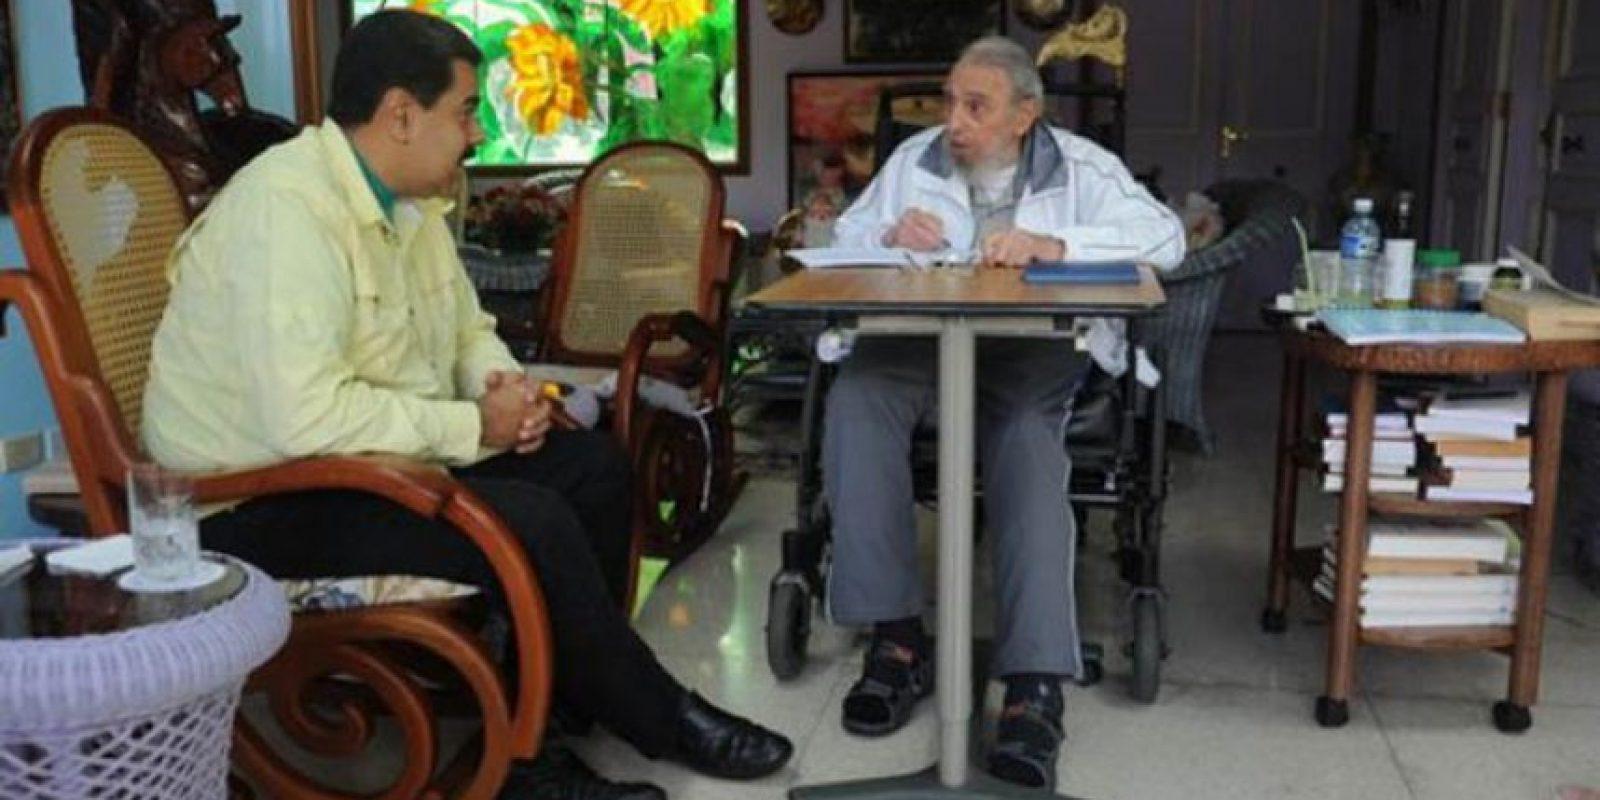 Fidel Castro se reunió con Nicolás Maduro, presidente de Venezuela Foto:Granma.cu / Juventud Rebelde